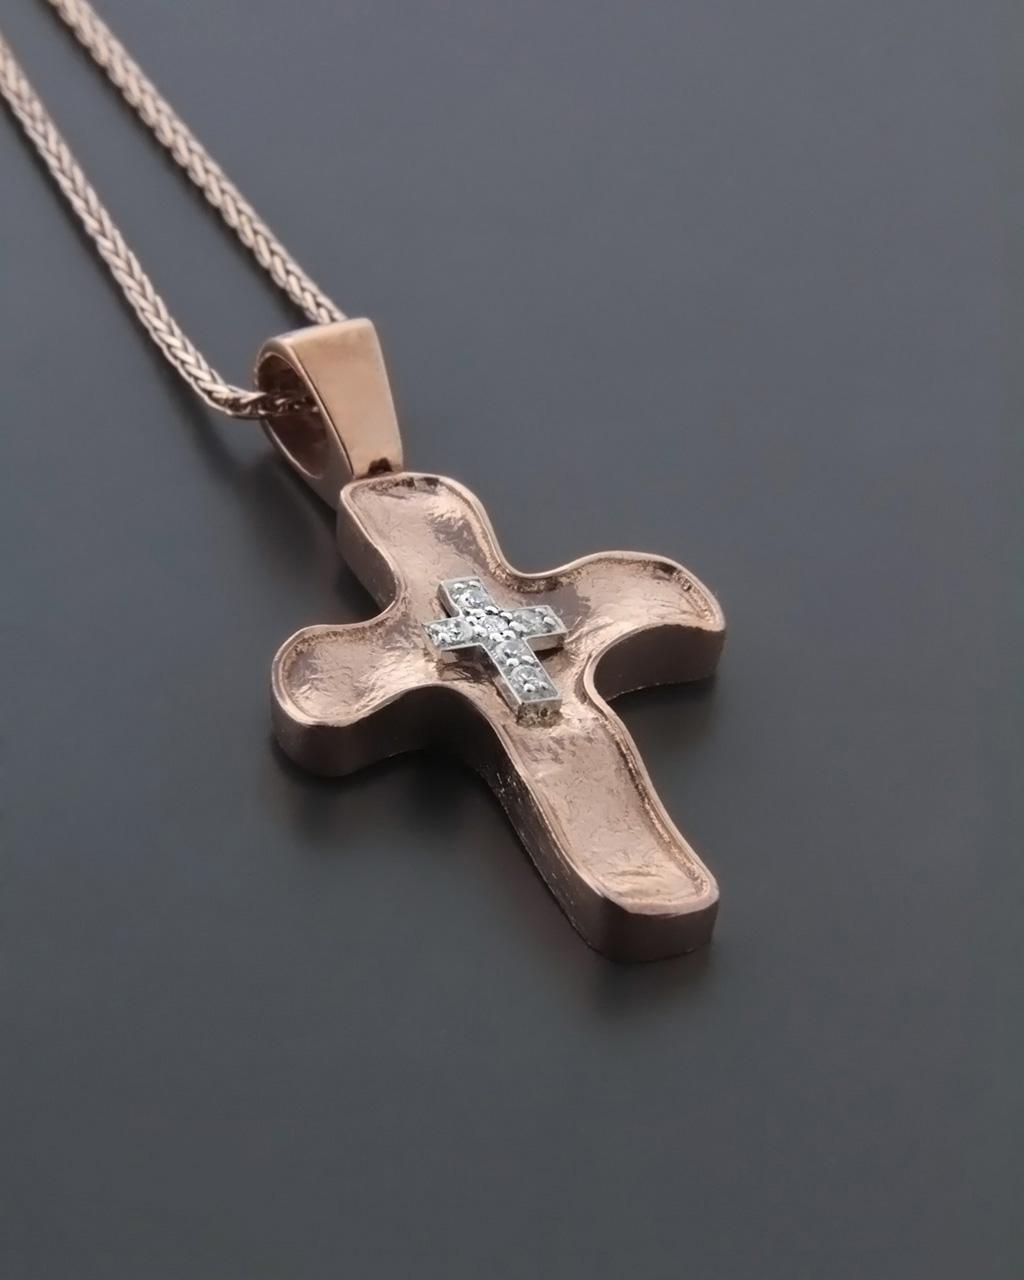 Σταυρός βαπτιστικός ροζ χρυσός & λευκόχρυσος Κ14 με Ζιργκόν   κοσμηματα σταυροί σταυροί ροζ χρυσό